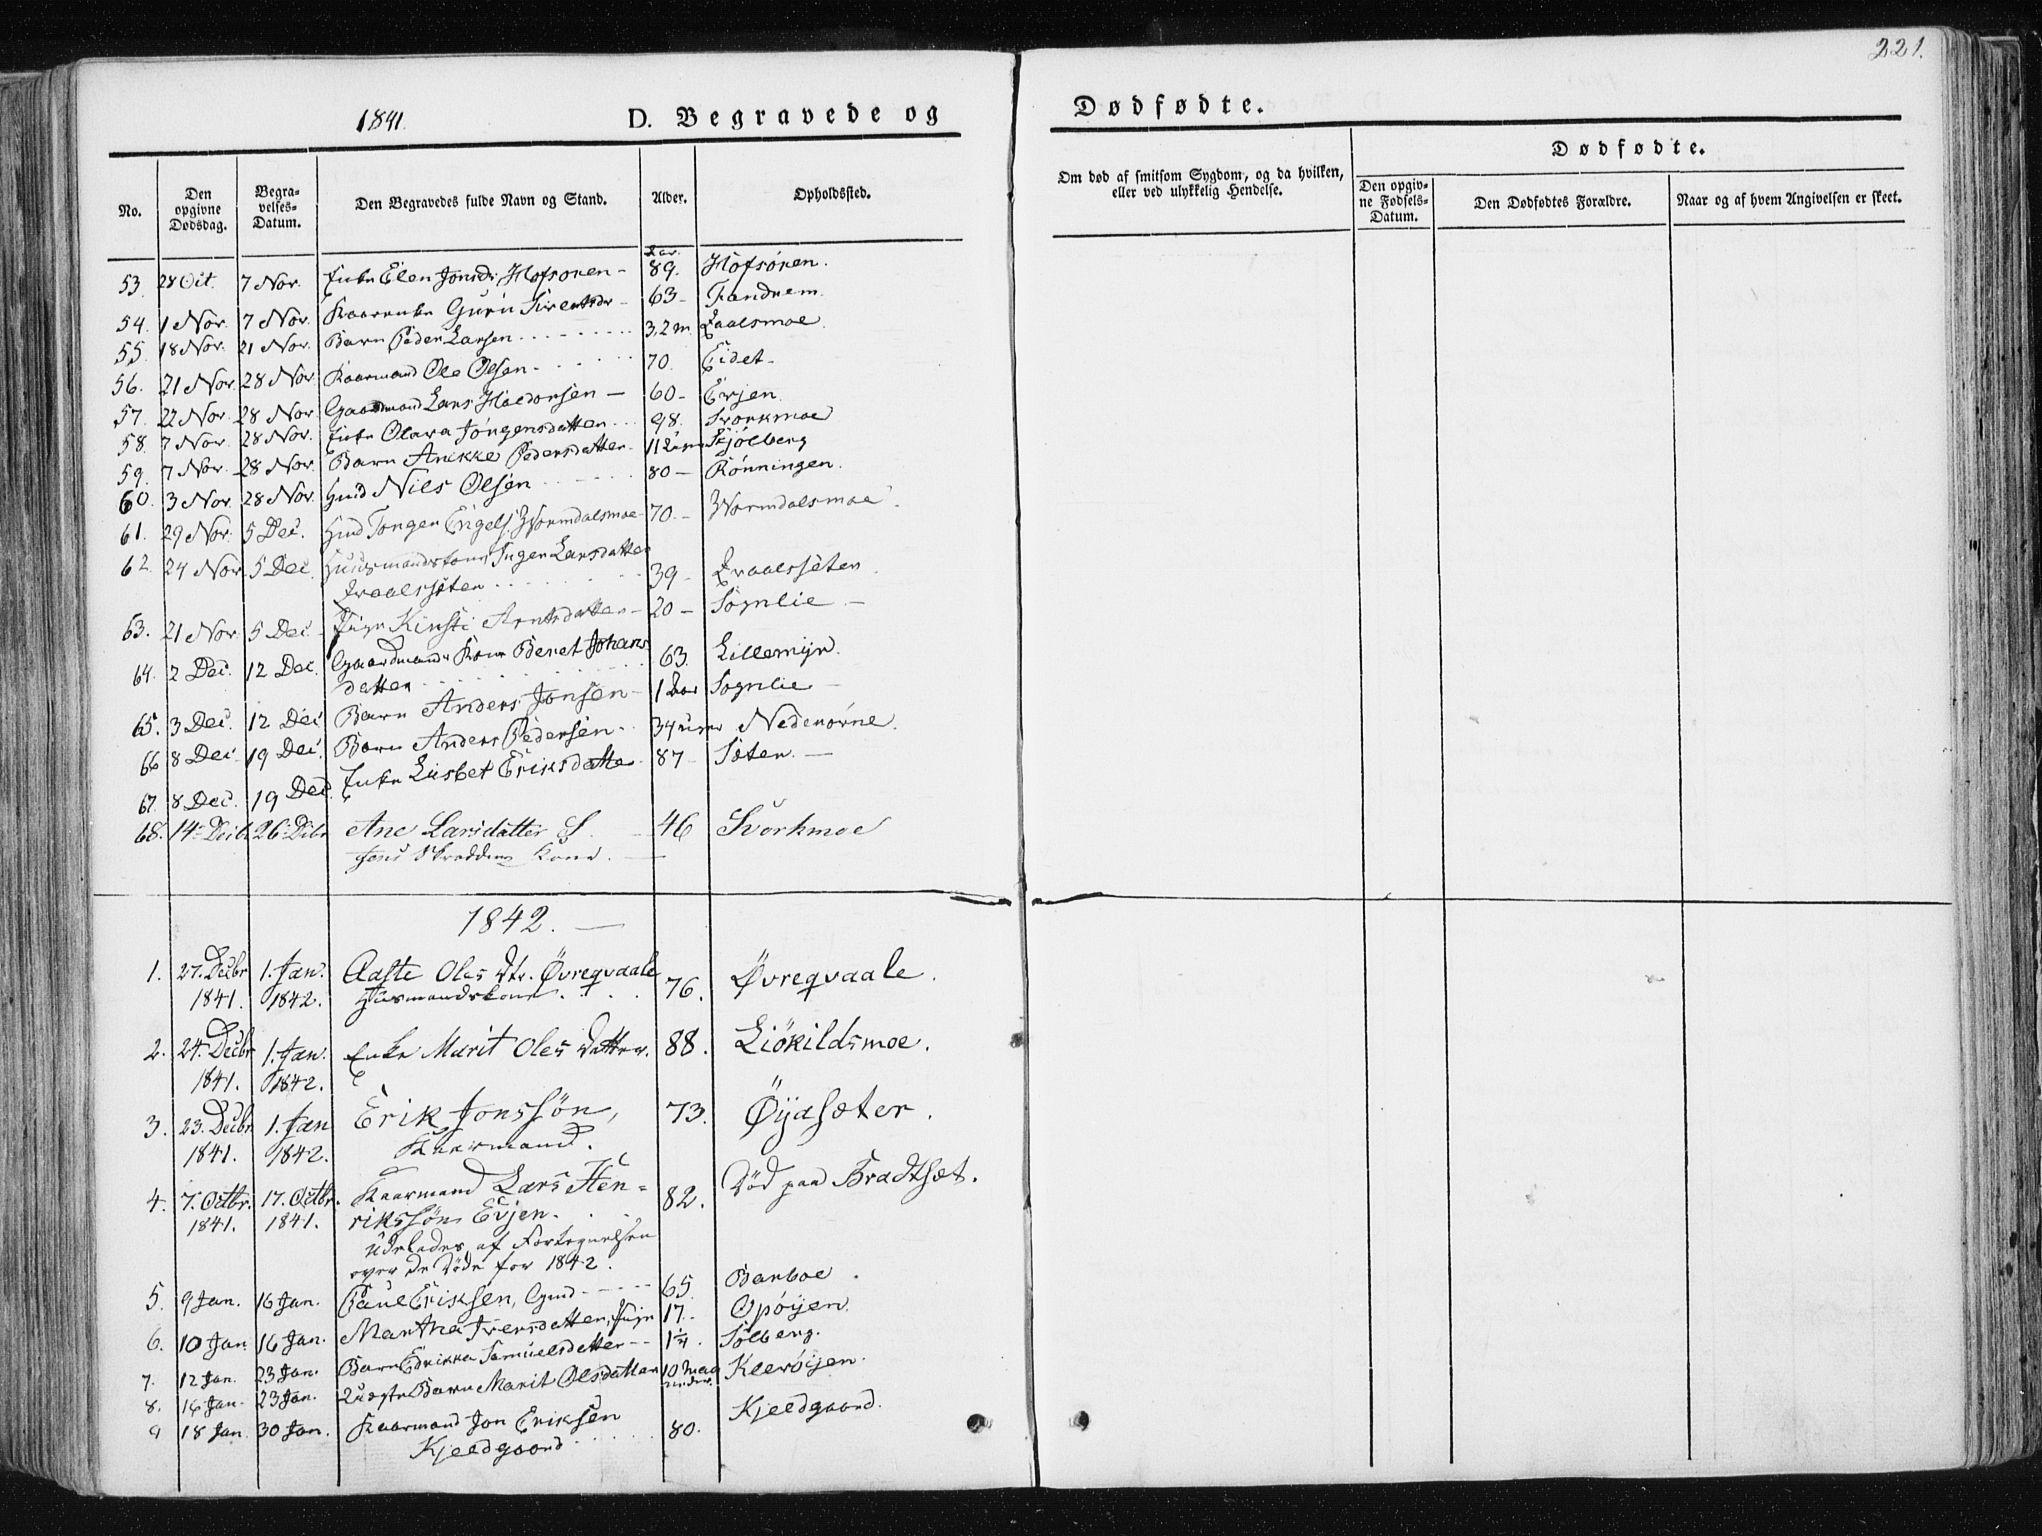 SAT, Ministerialprotokoller, klokkerbøker og fødselsregistre - Sør-Trøndelag, 668/L0805: Ministerialbok nr. 668A05, 1840-1853, s. 221